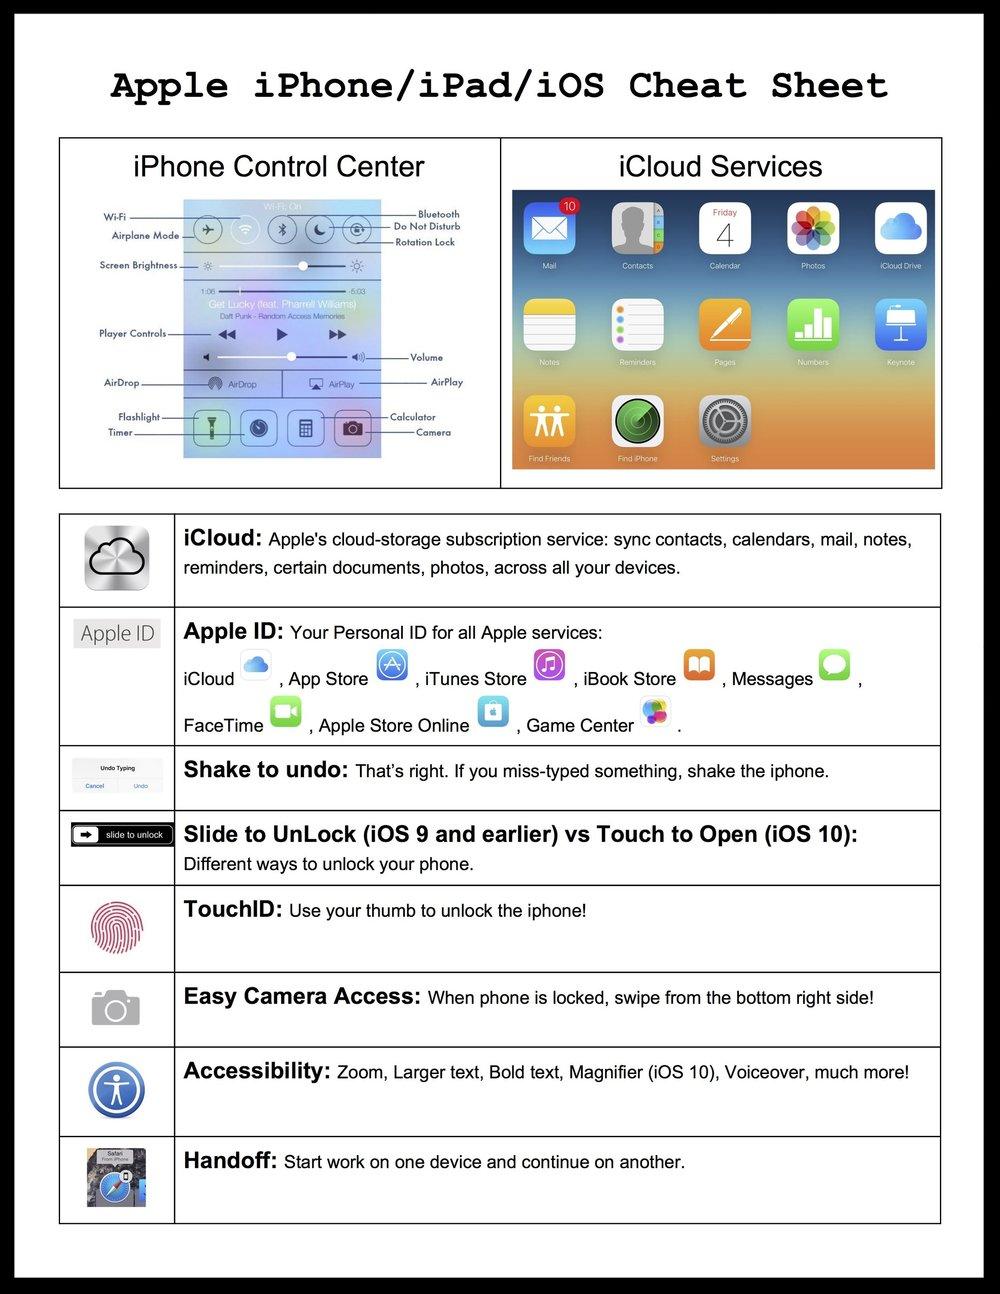 AppleiPhoneiPadiOSCheatSheet copy.jpg